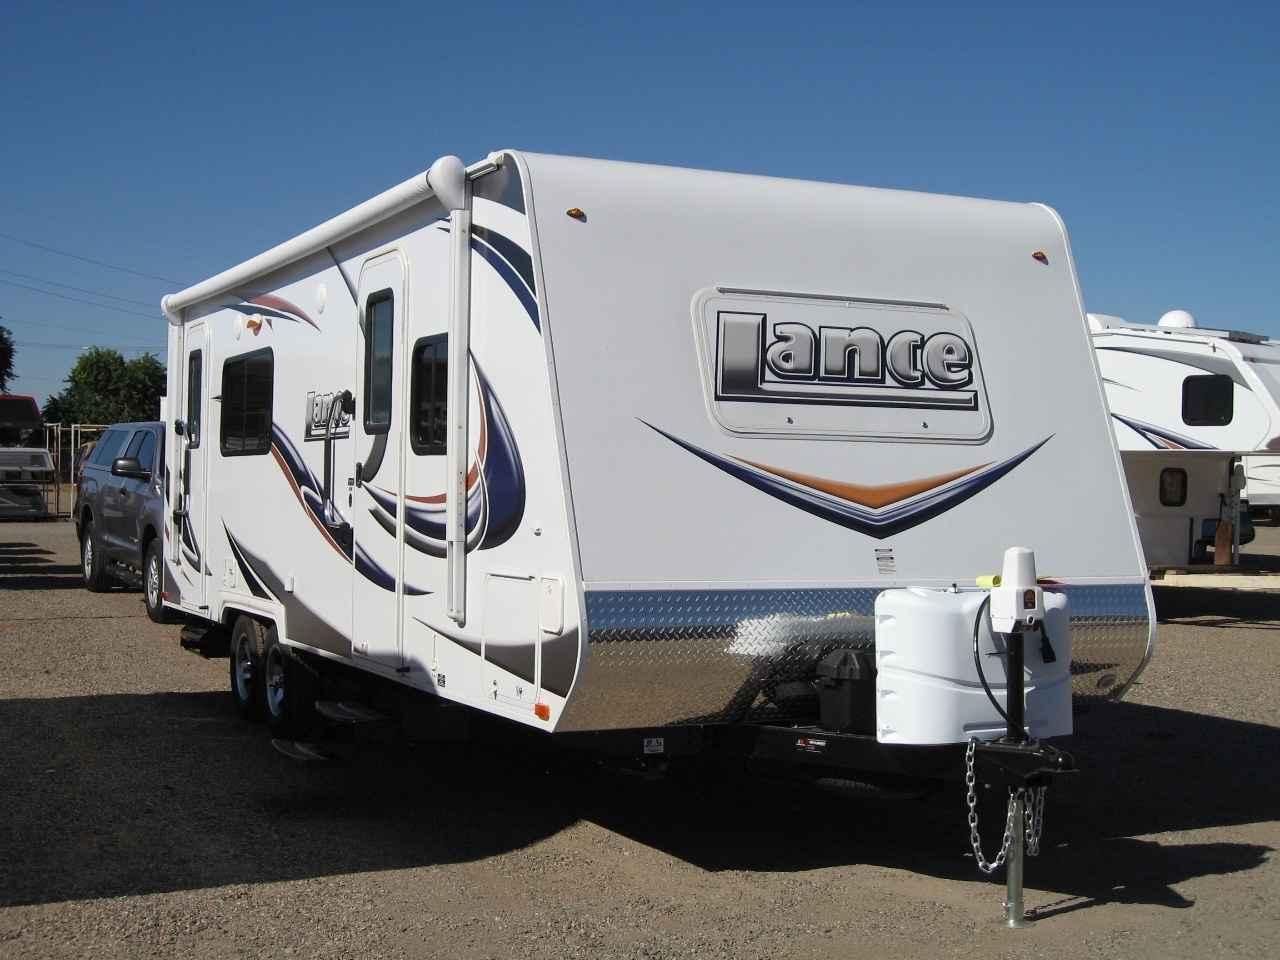 2013 Used Lance 2285 Travel Trailer in Arizona AZ